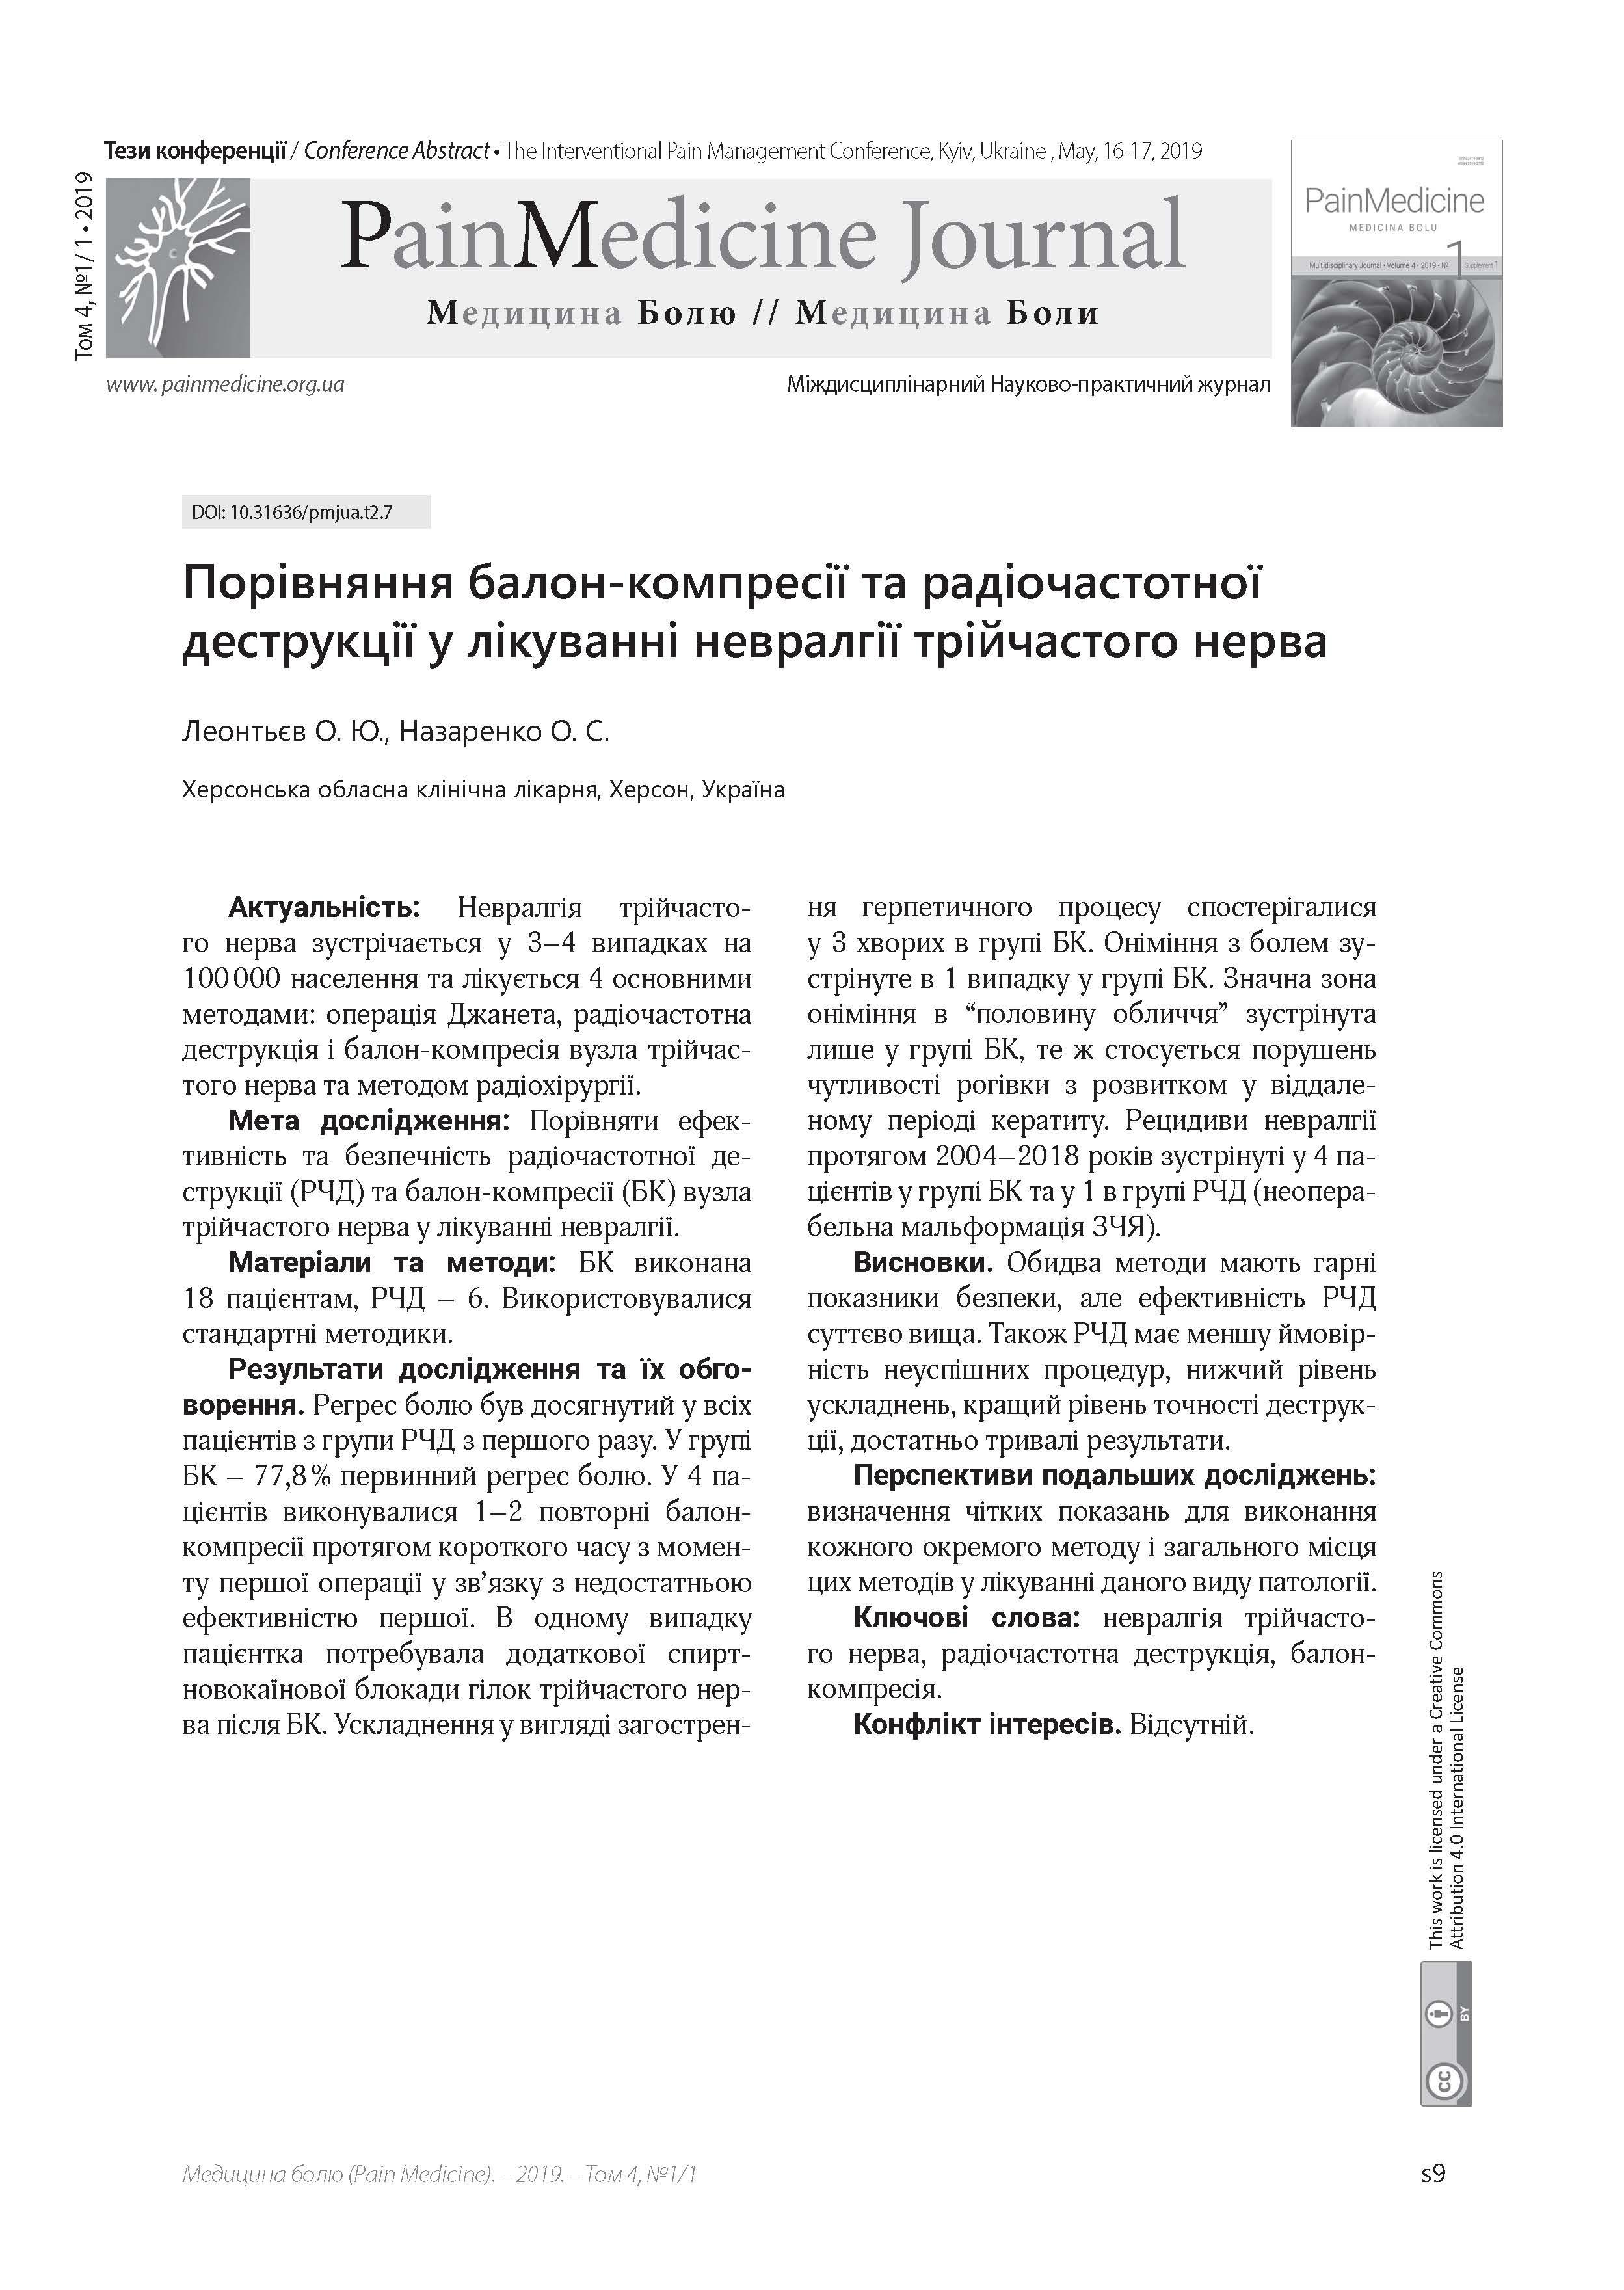 Порівняння балон-компресії та радіочастотної деструкції у лікуванні невралгії трійчастого нерва